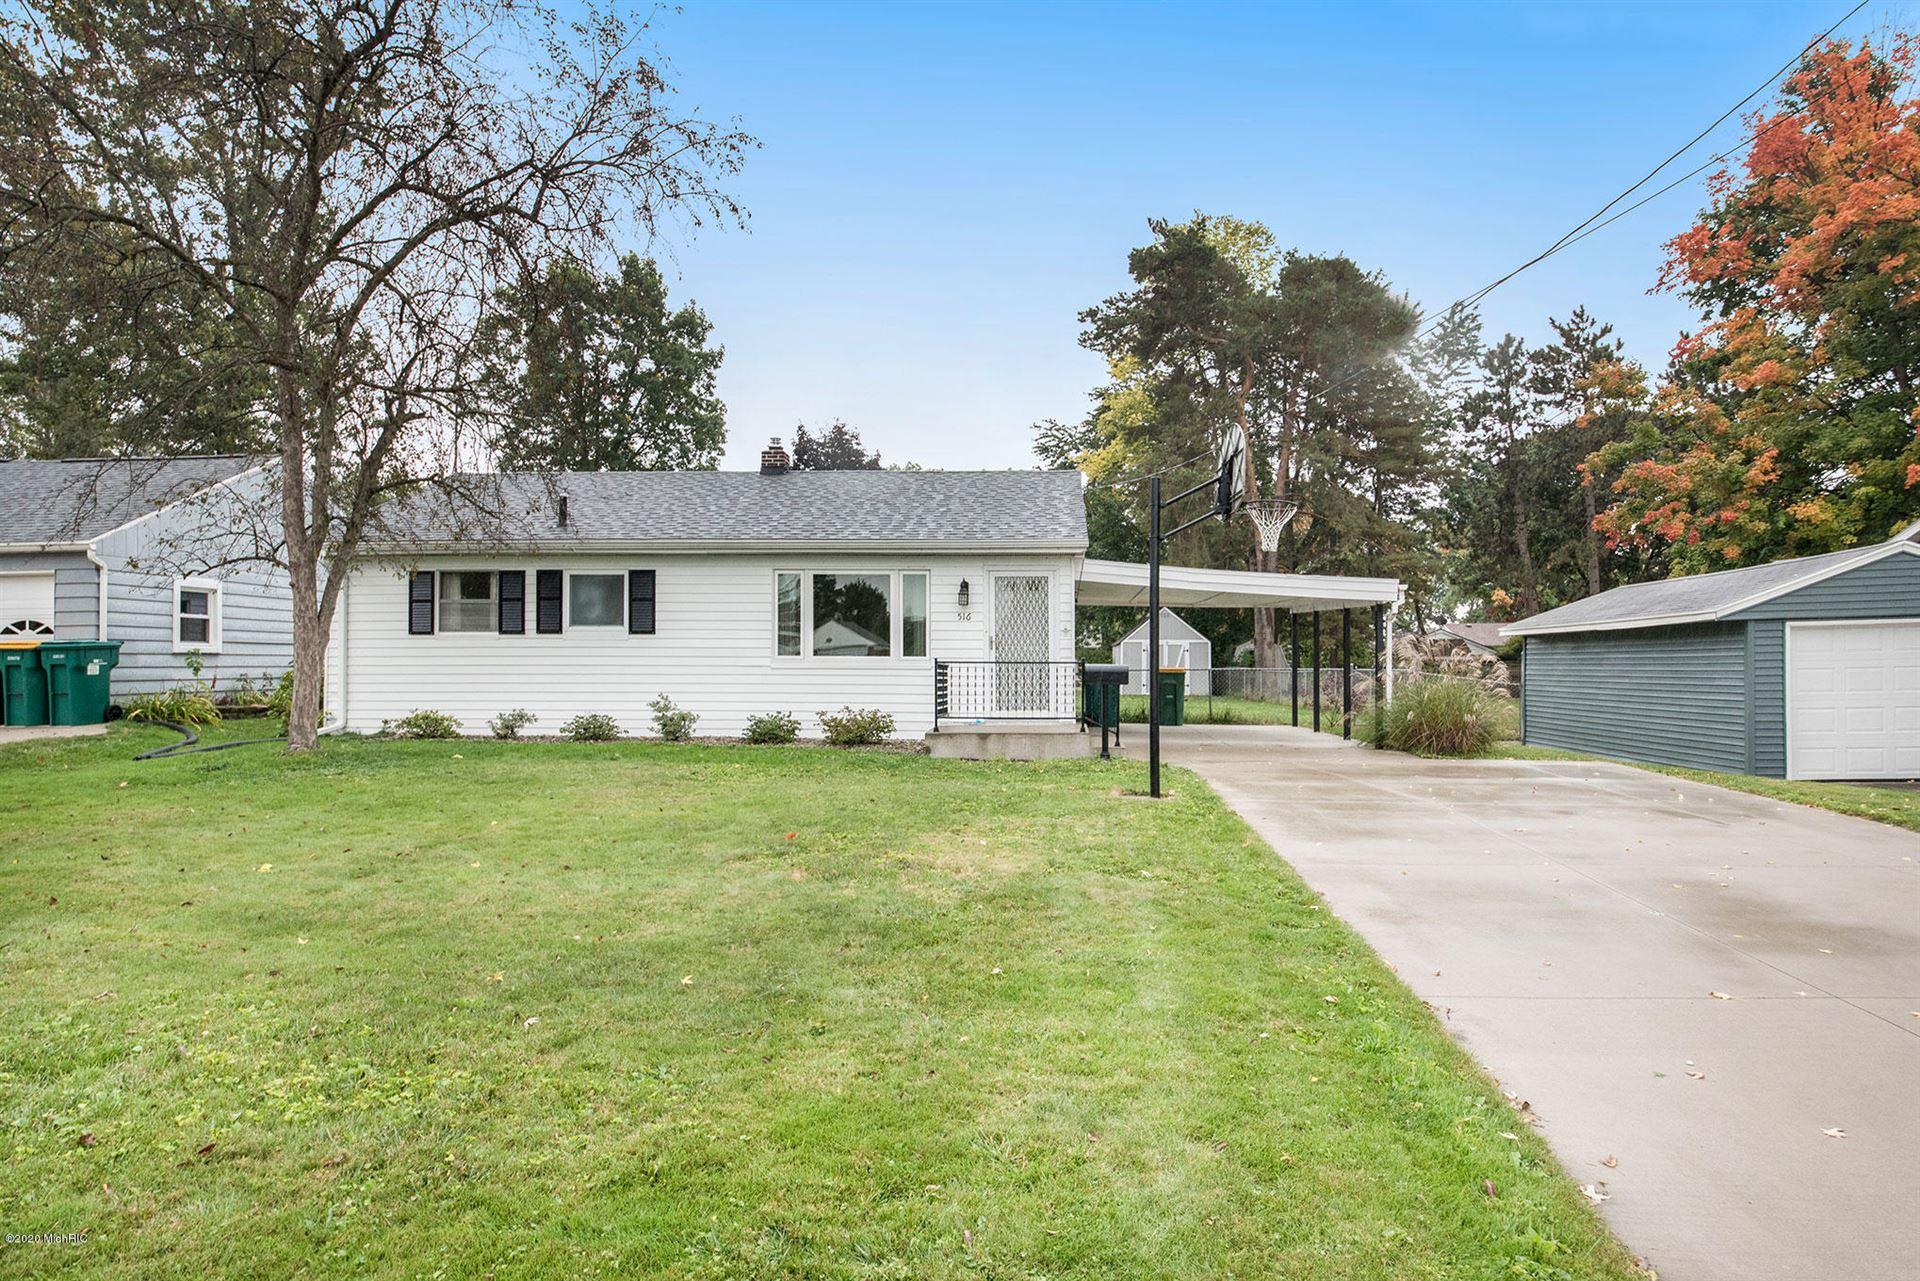 516 Weeks Avenue, Battle Creek, MI 49015 - MLS#: 20040551